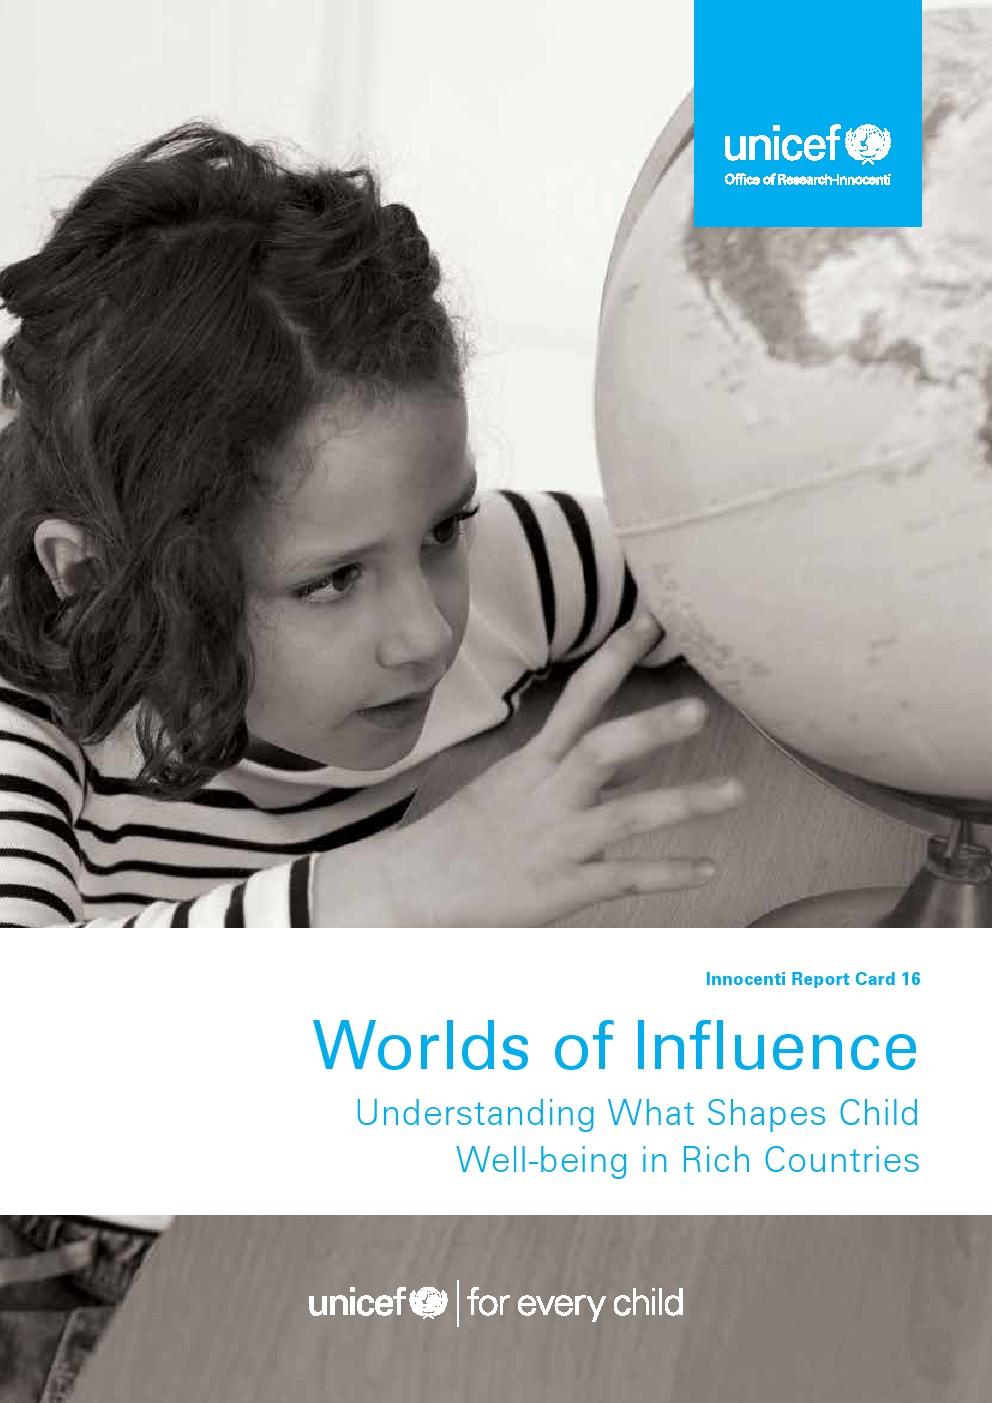 影响世界:了解富国儿童幸福的构成报告